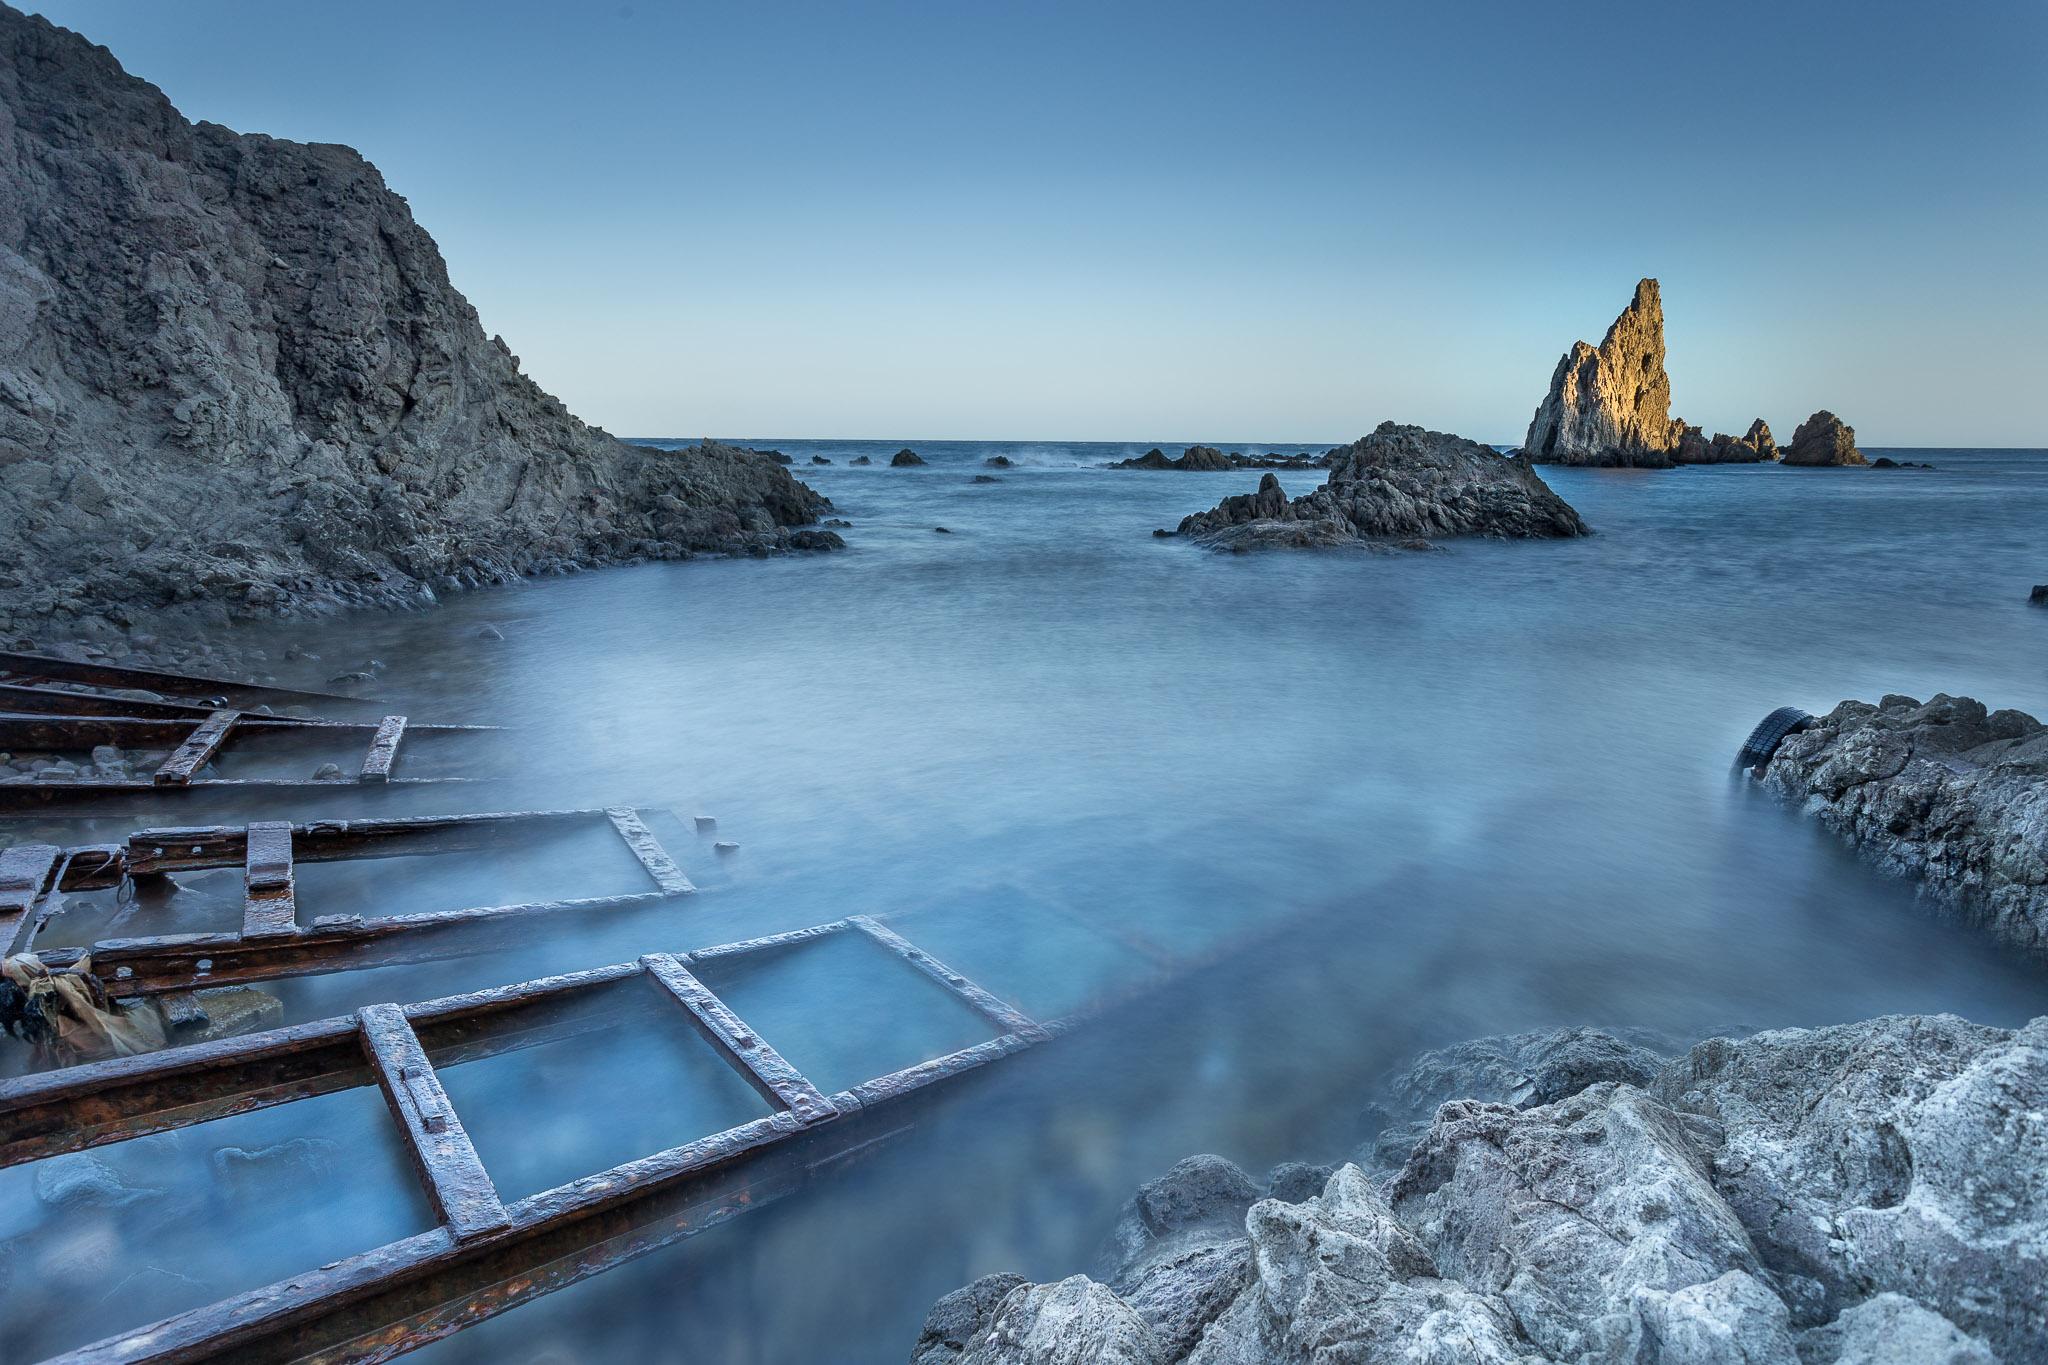 Paisaje en el Arrecife de las Sirenas, Almeria , atardecer, larga exposición con Canon 6D y filtro ND,Danilatorre,danilatorre, Dani Latorre, daniel Latorre